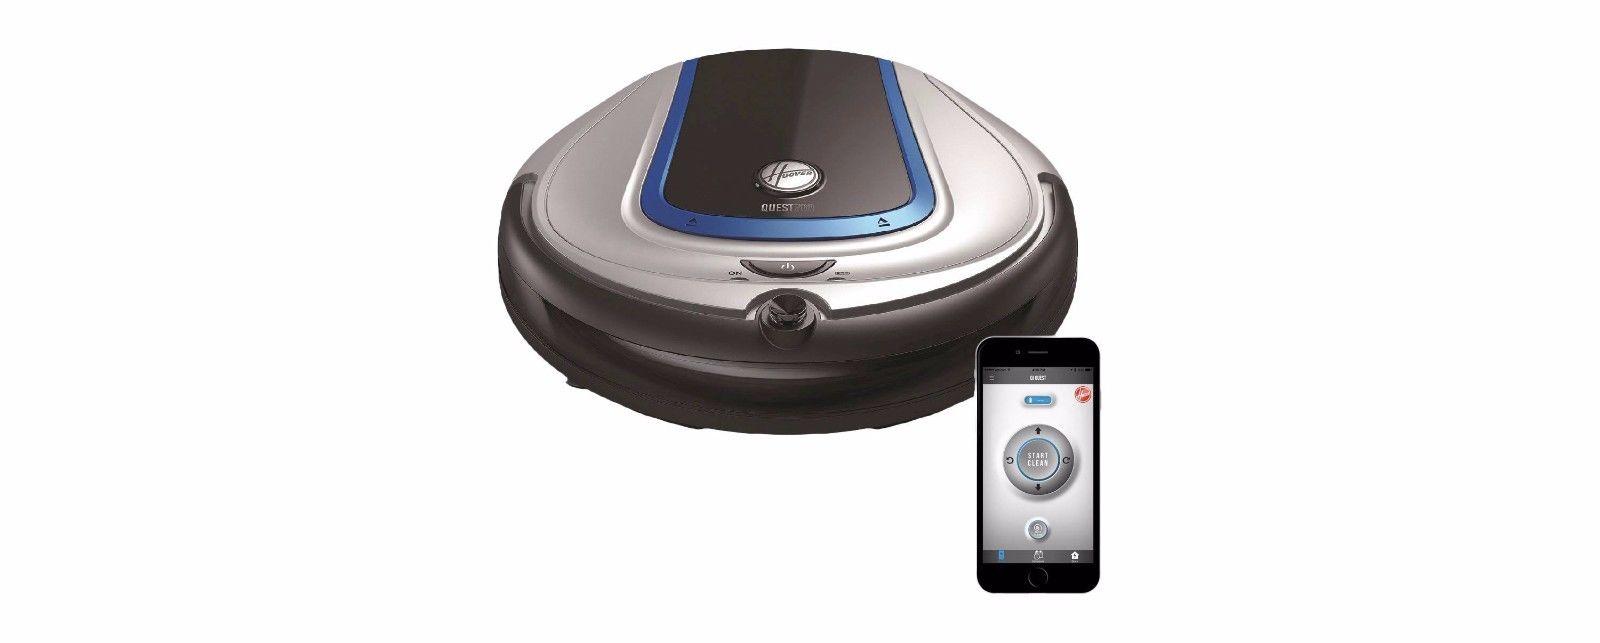 Hoover Quest 700 Bluetooth Robotic Vacuum BH70700 Dirt Sensor